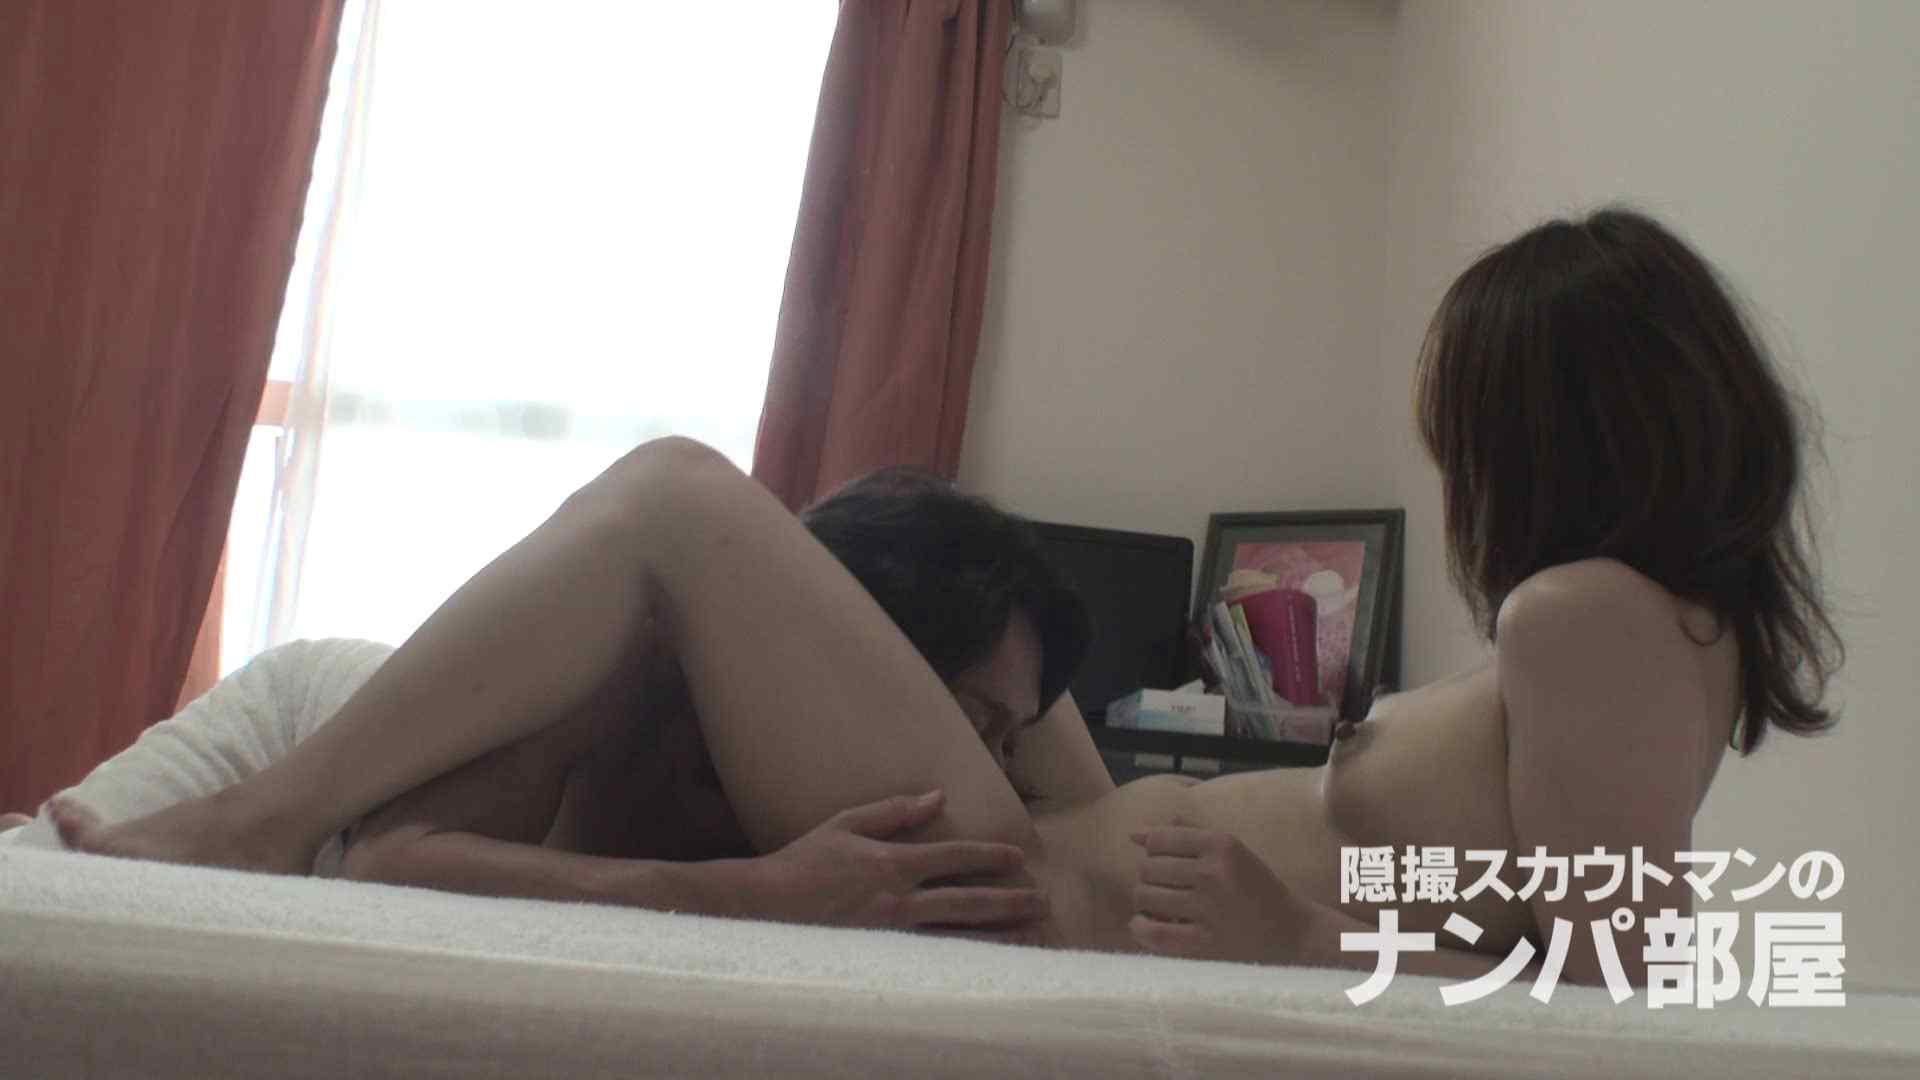 隠撮スカウトマンのナンパ部屋~風俗デビュー前のつまみ食い~ sii 隠撮   脱衣所  67pic 55